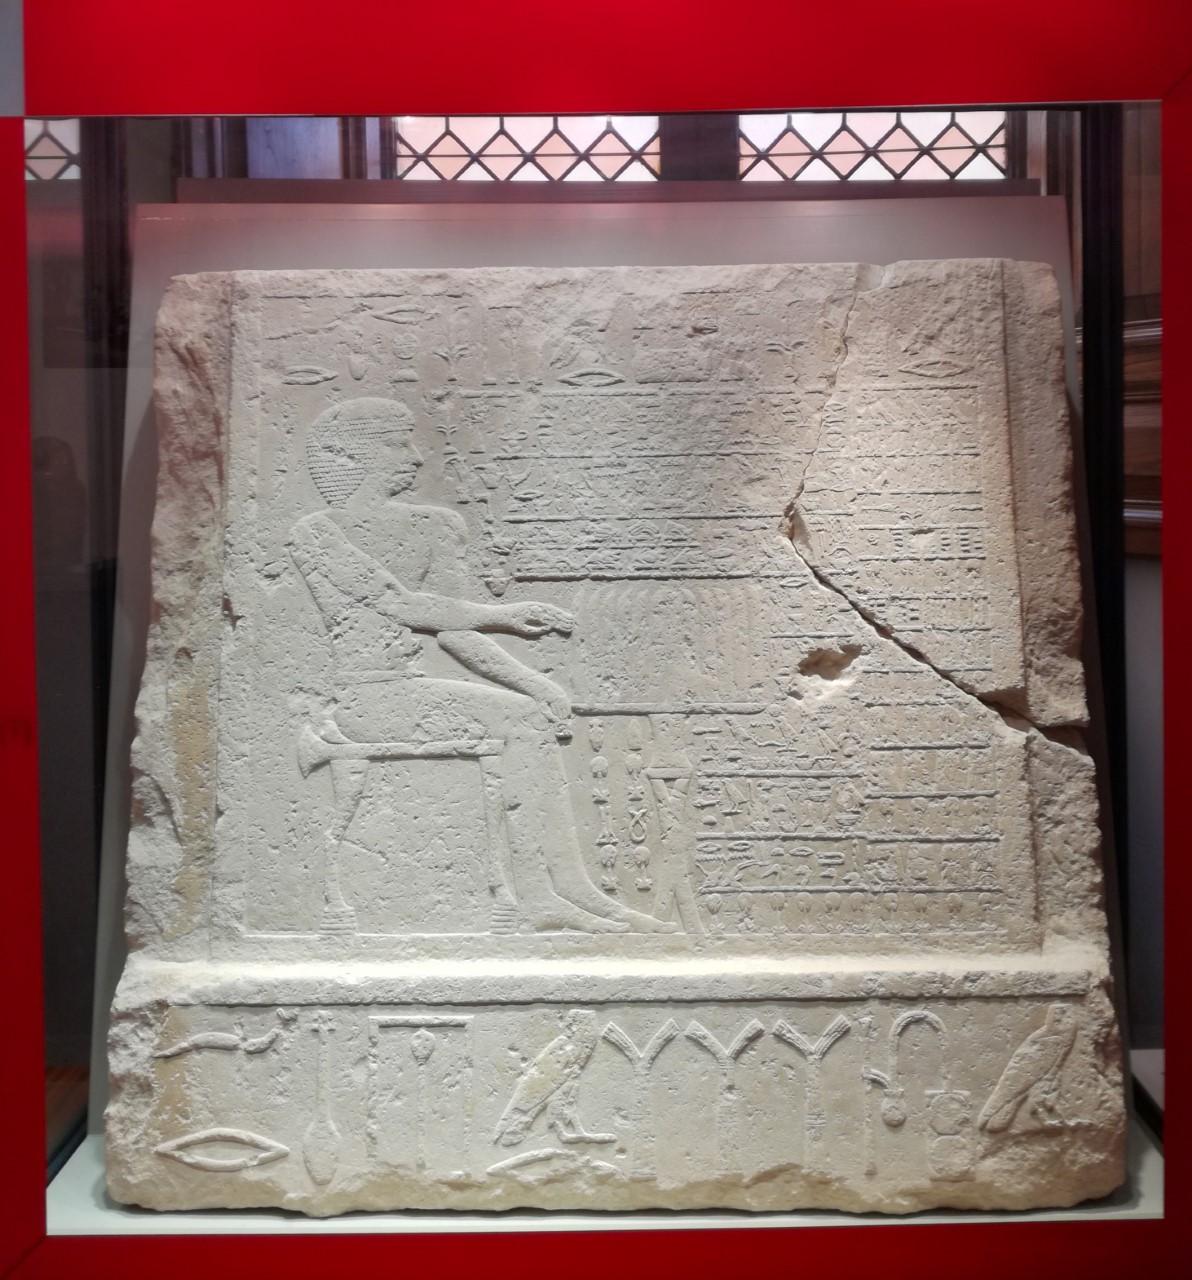 thumbnail_la-%27stele-della-falsa-porta%27%2c-loriginale-conservata-nel-museo-barracco